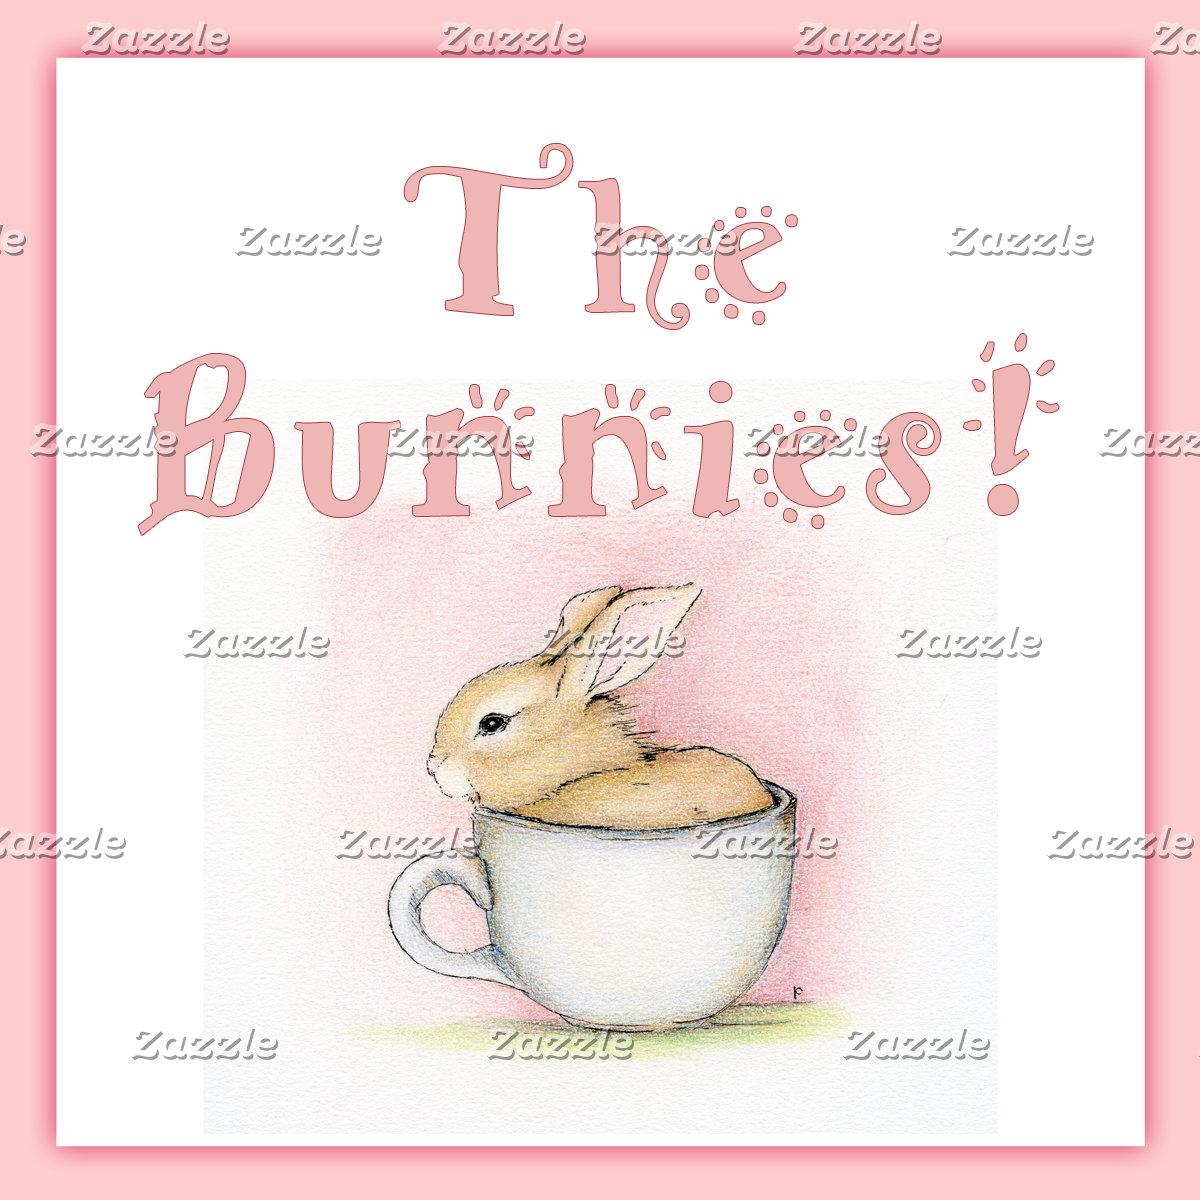 The Bunnies!